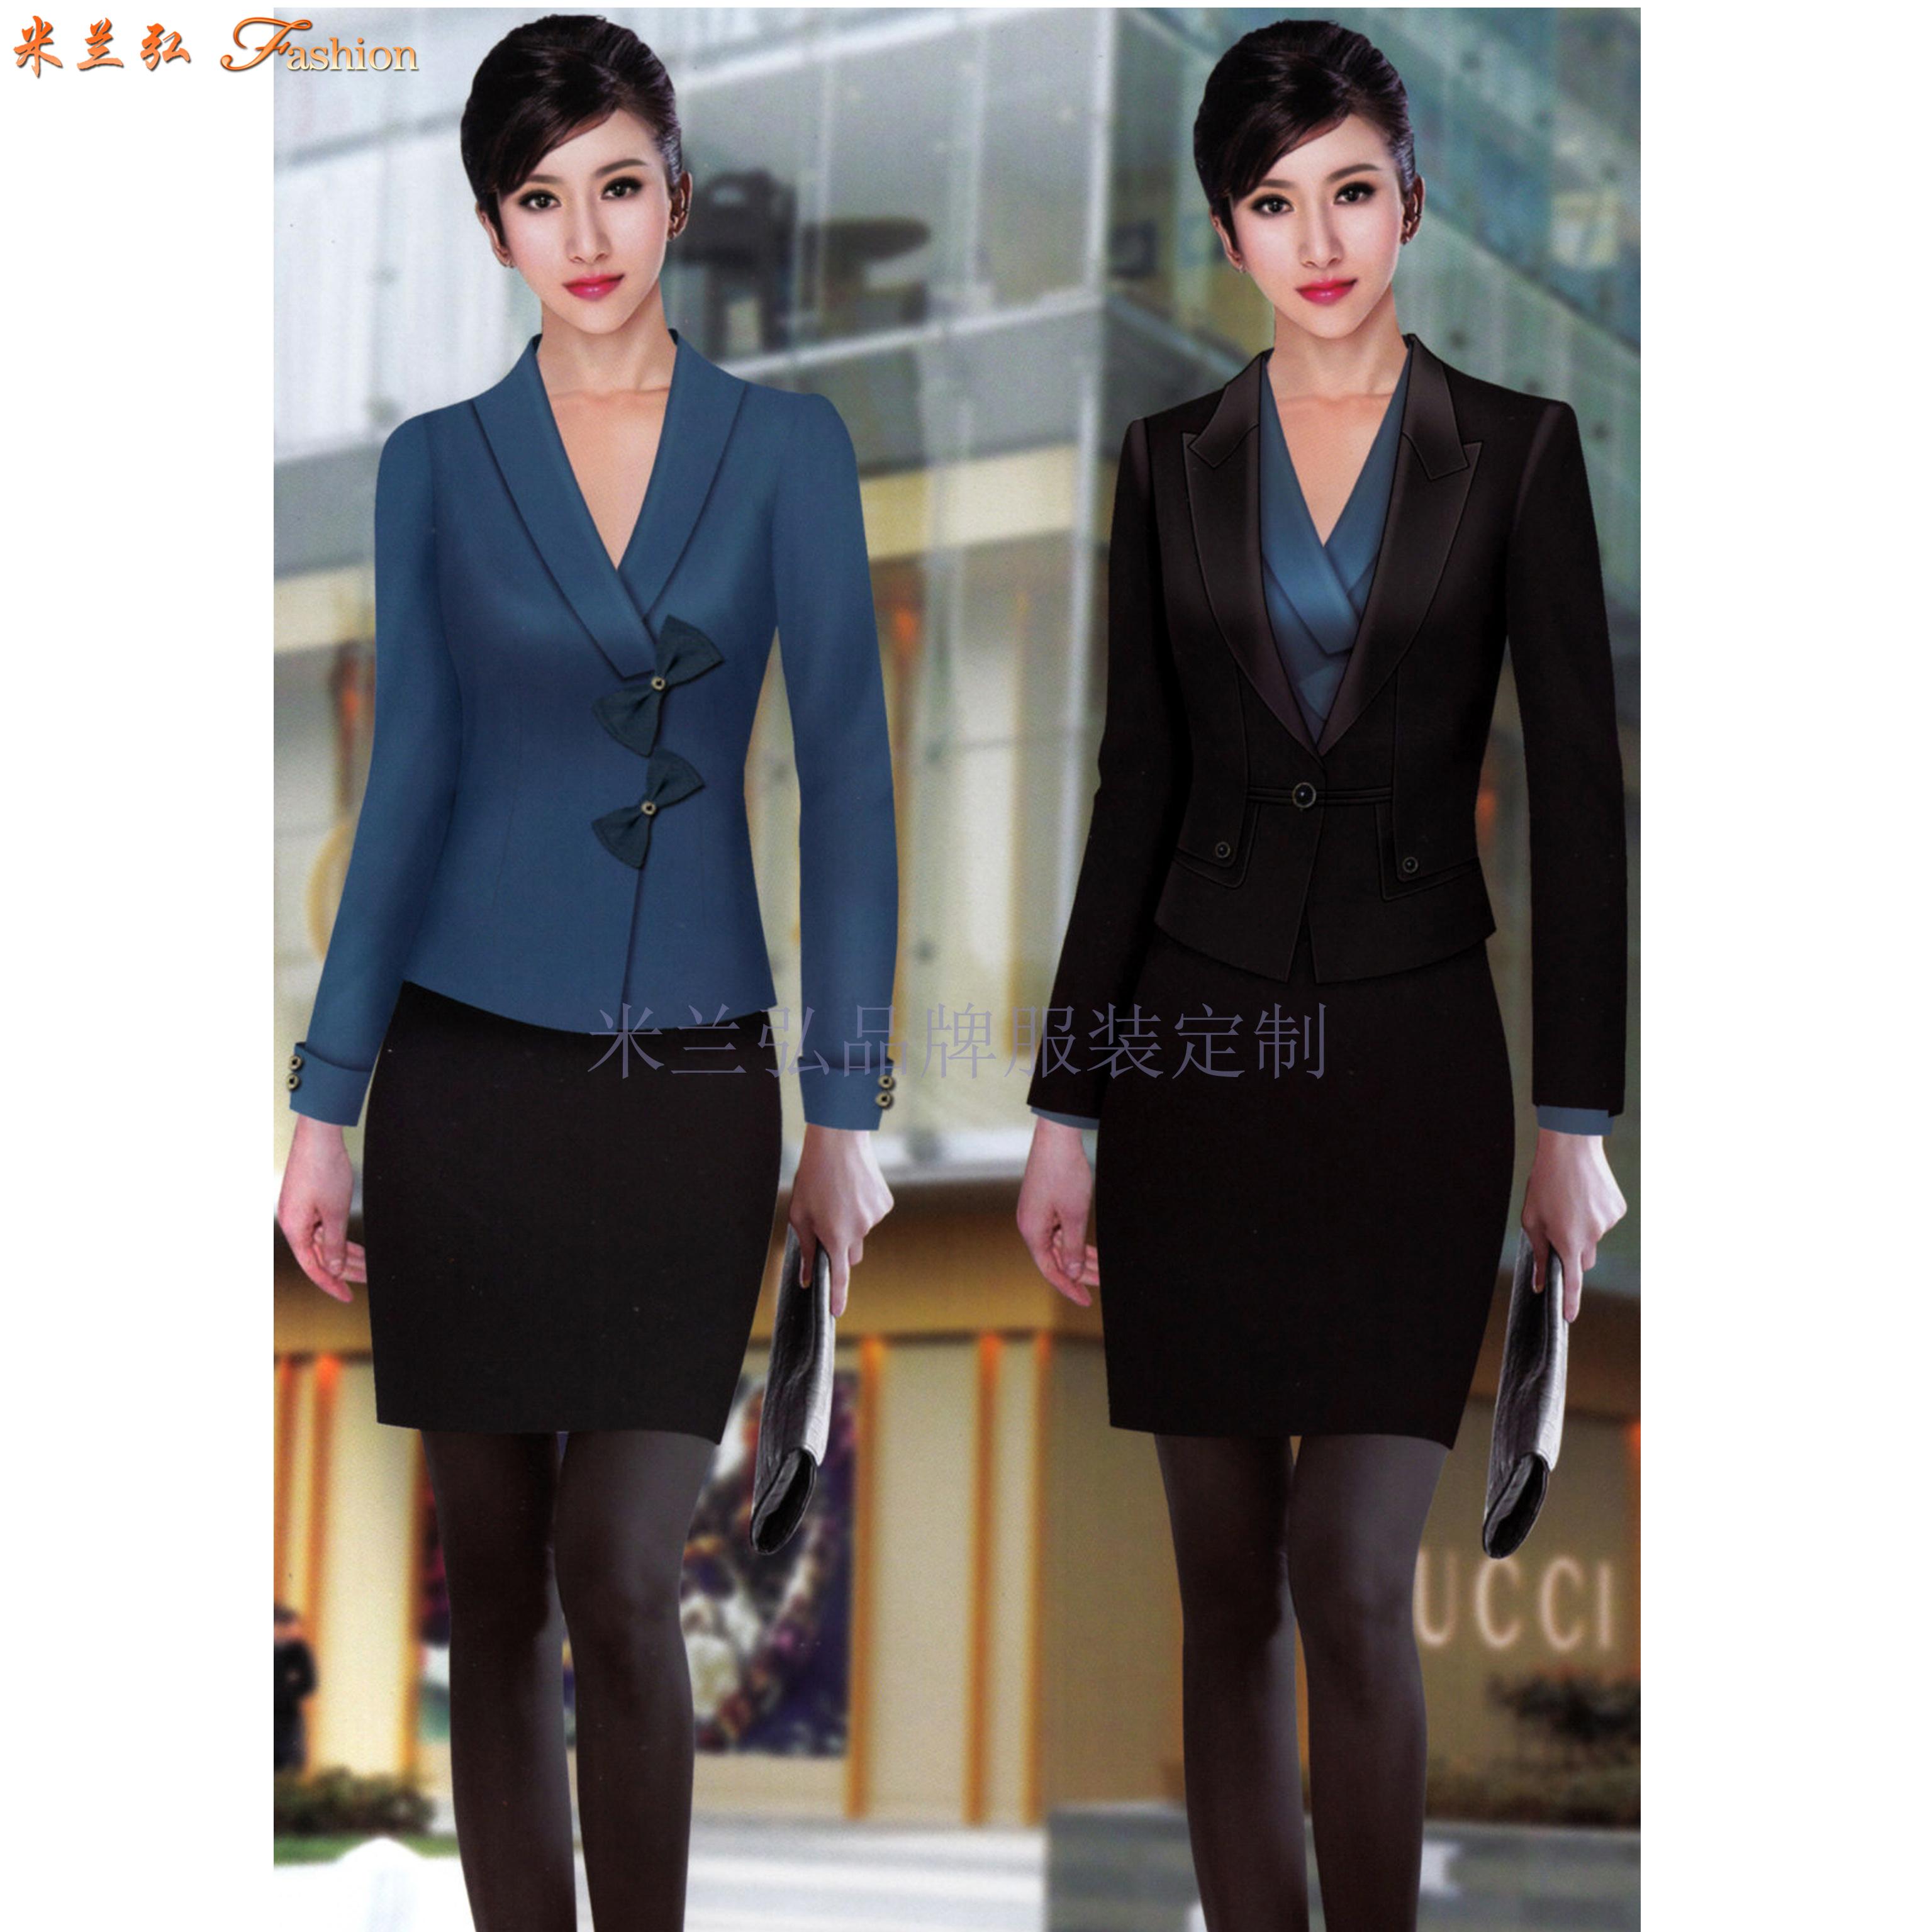 女士冬季職業裝搭配款式套裝_新款潮流女式職業裝-米蘭弘職業裝-5